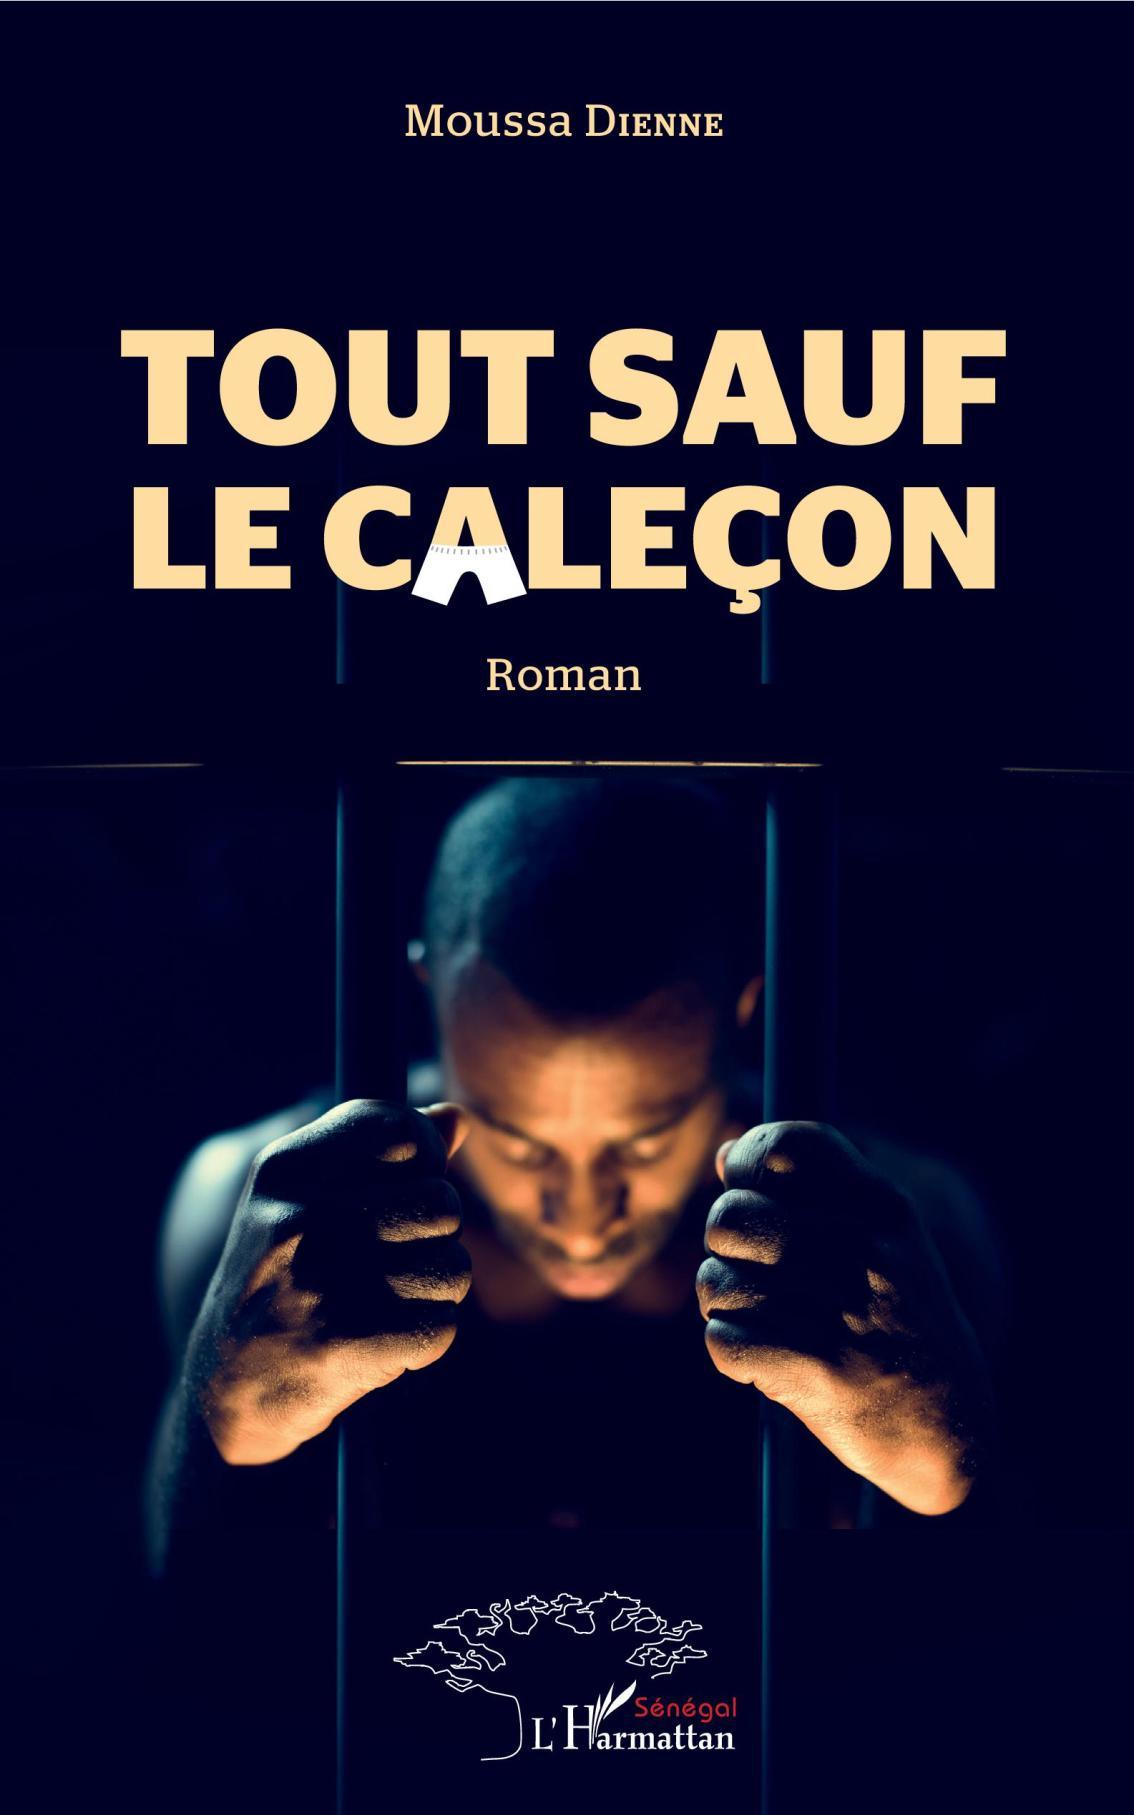 Tout sauf le caleçon – Moussa Dienne –2019